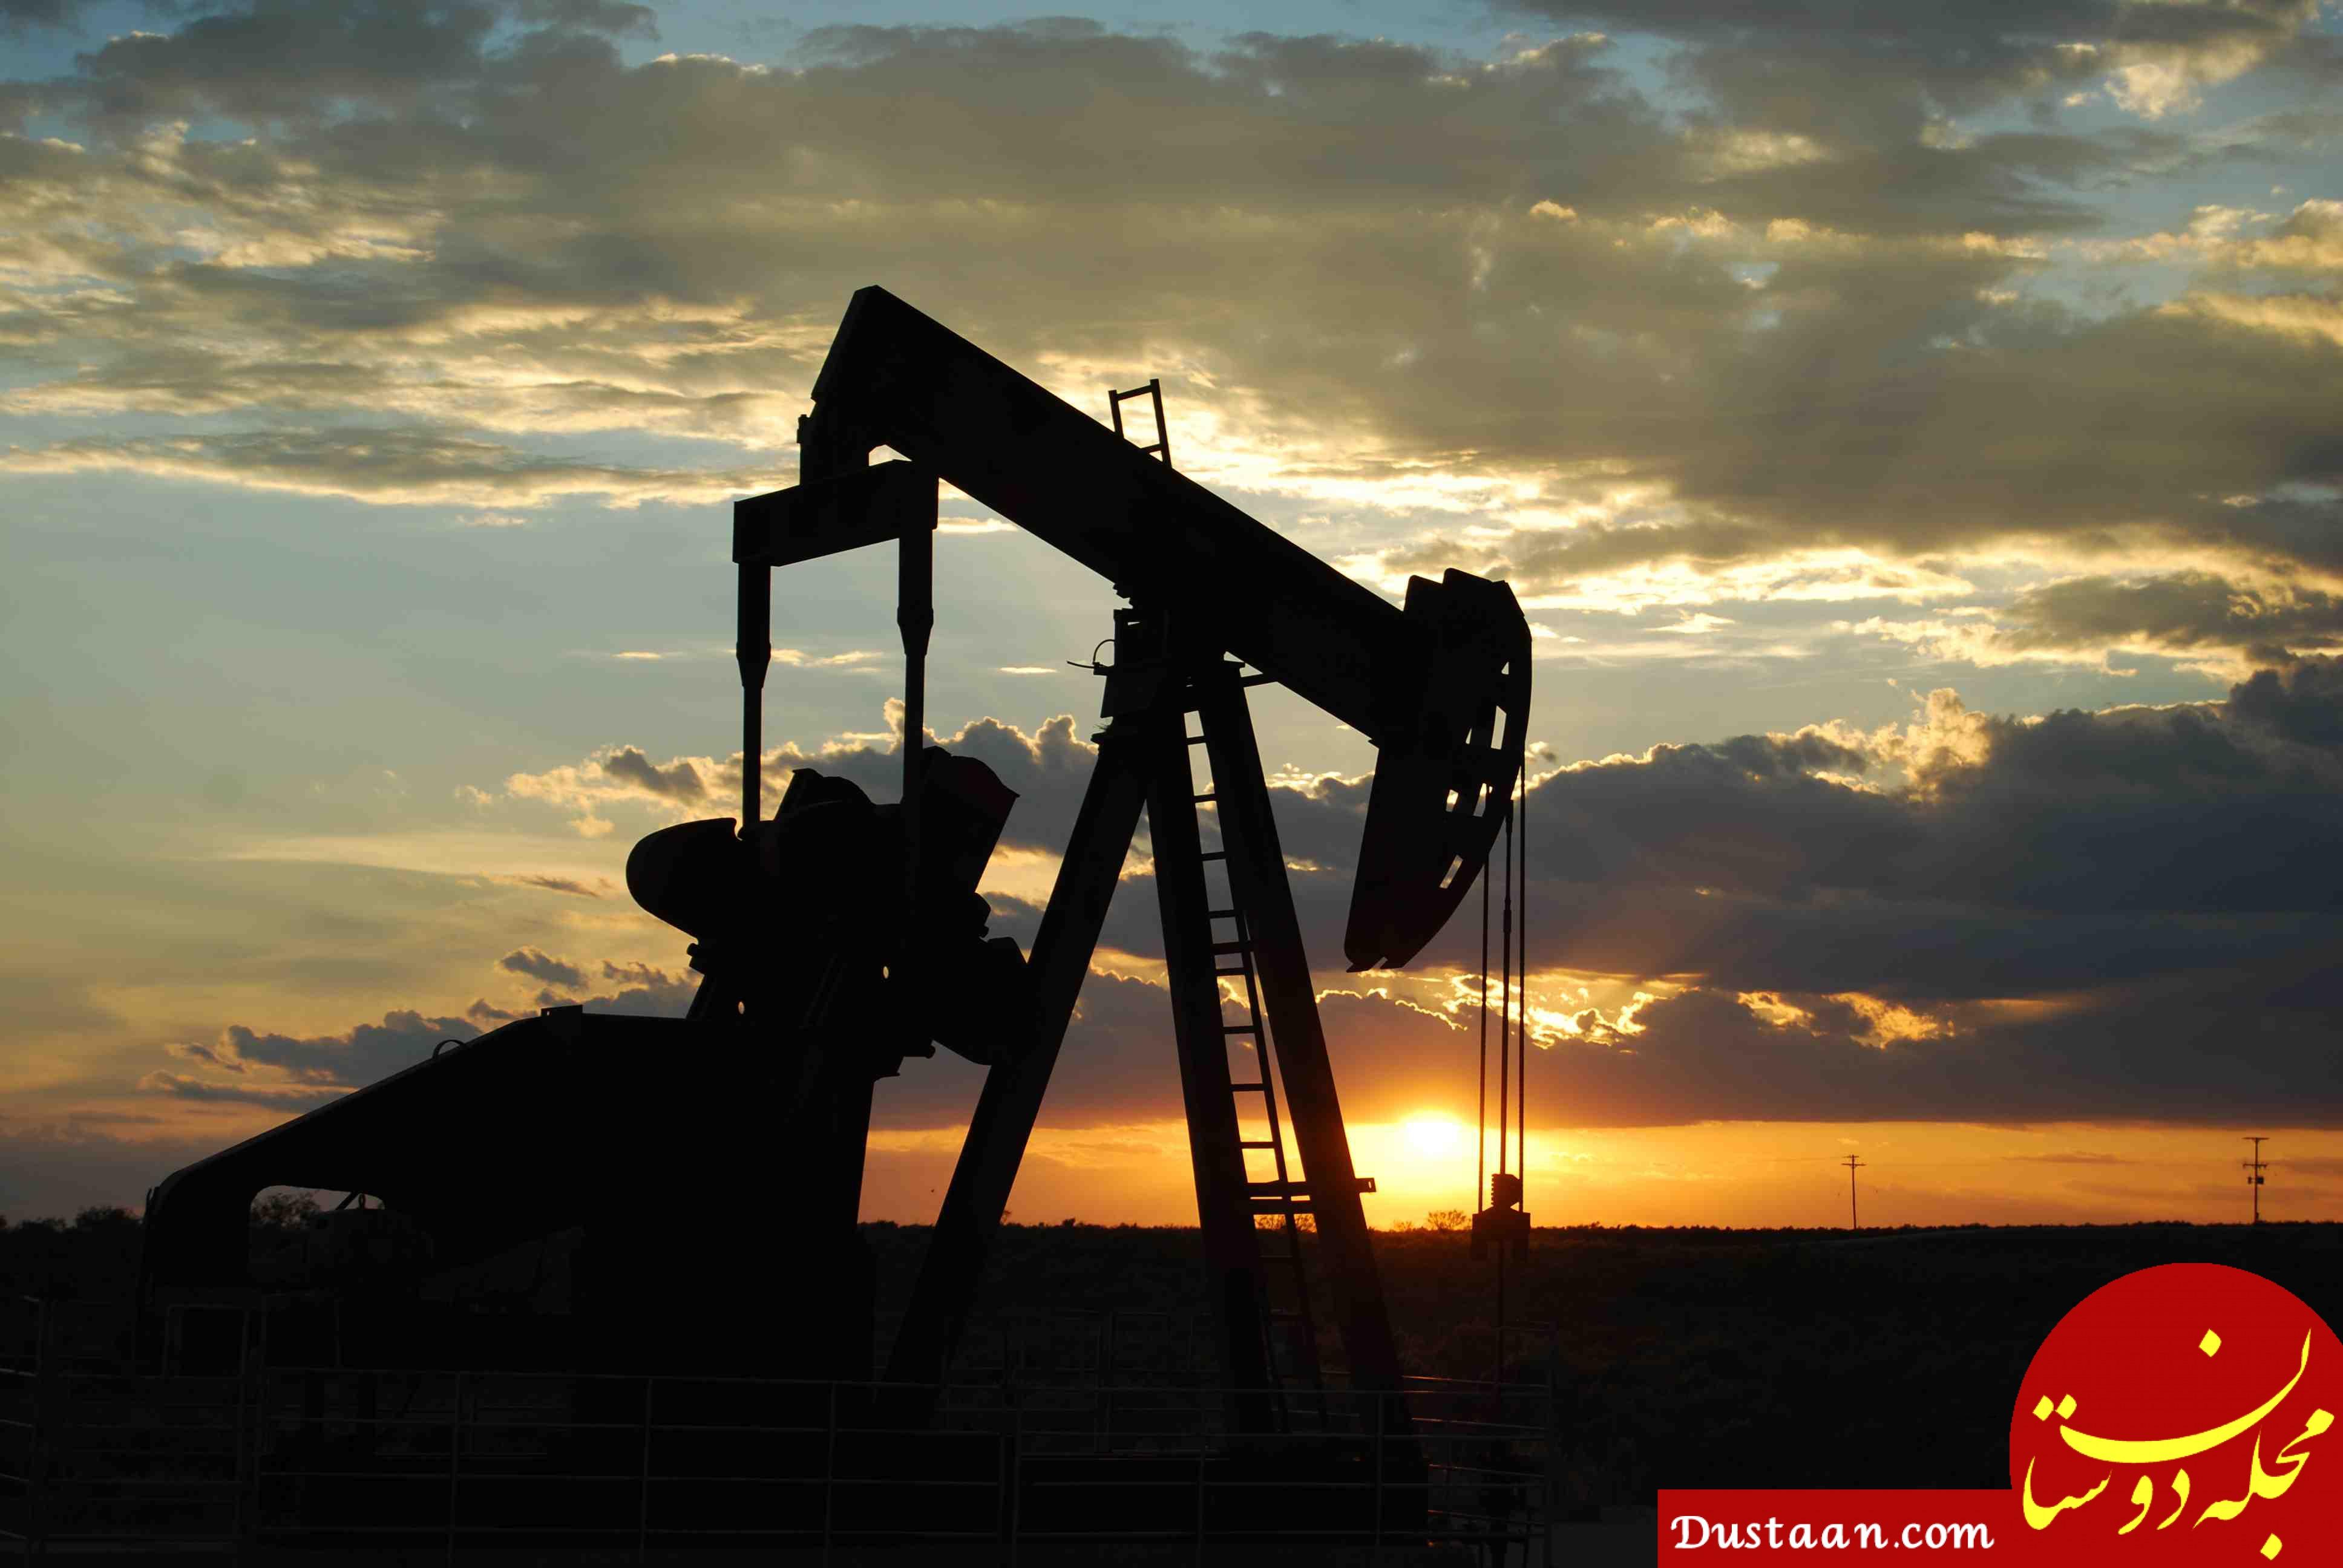 www.dustaan.com چین ذخایر جدید نفت و گاز کشف کرد